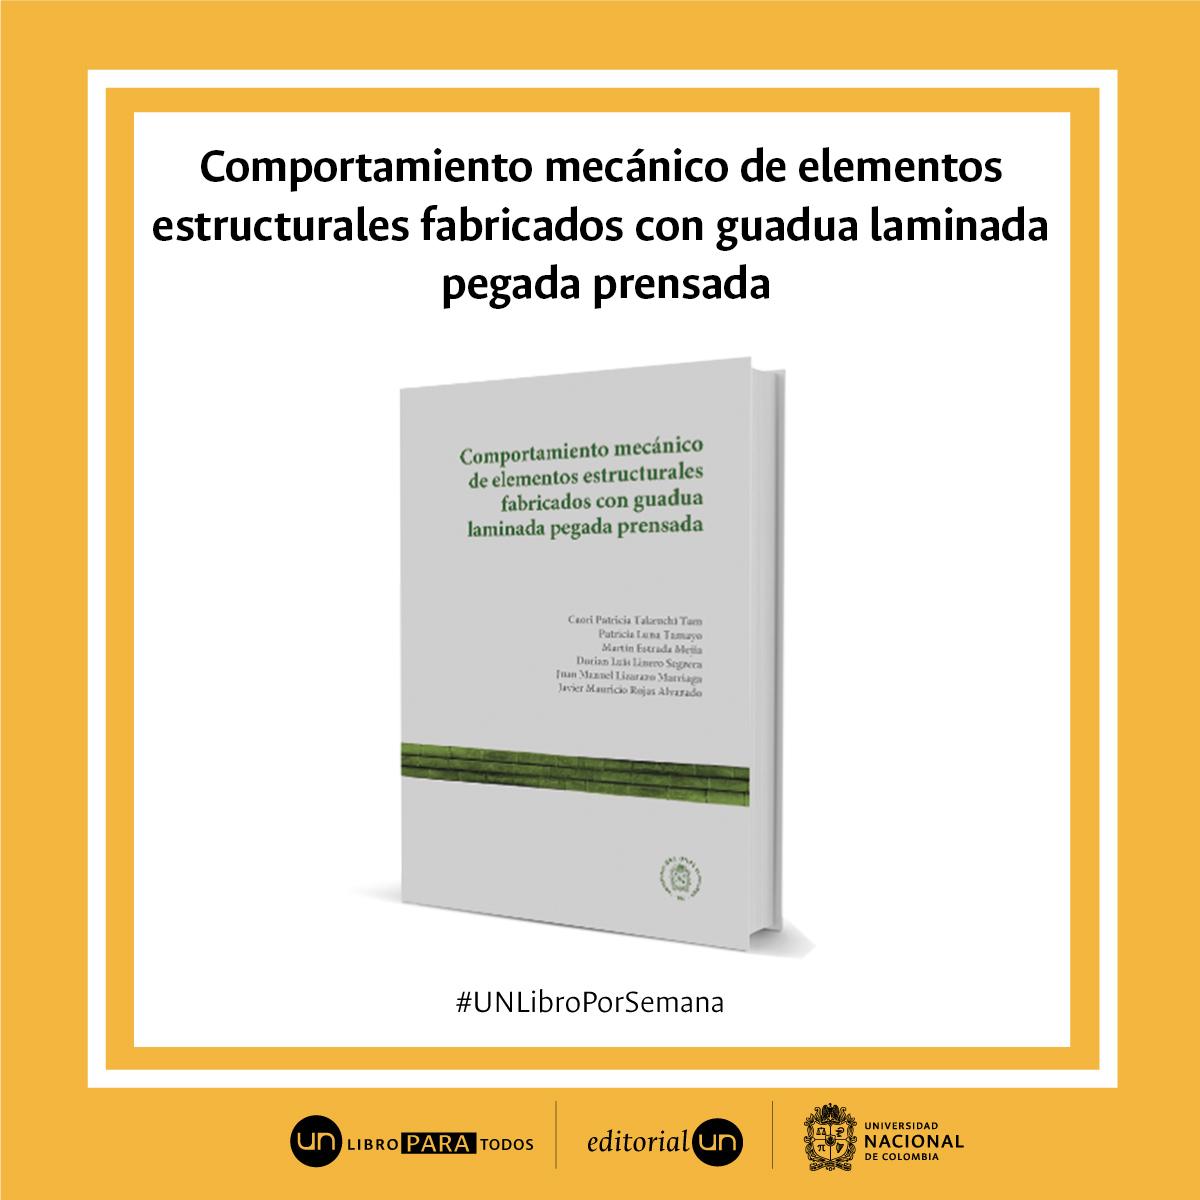 #UNlibroporsemana: 'Comportamiento mecánico de elementos estructurales fabricados con guadua laminada pegada prensada'